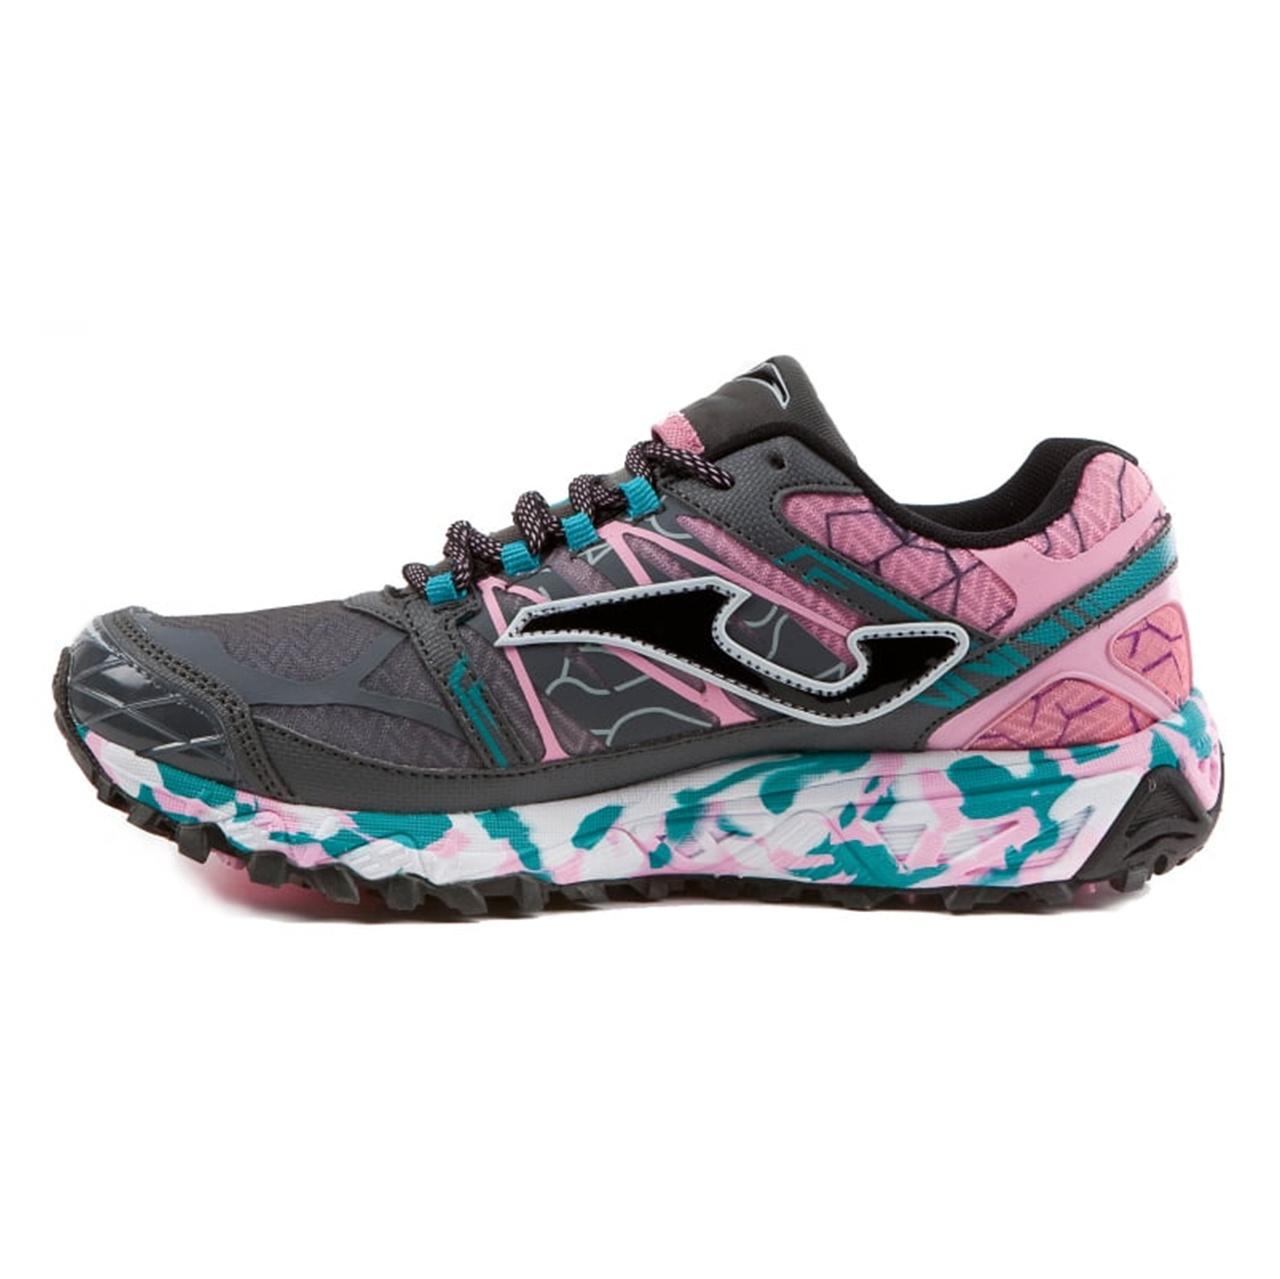 کفش مخصوص پیاده روی زنانه جوما مدل SIERRA LADY 712